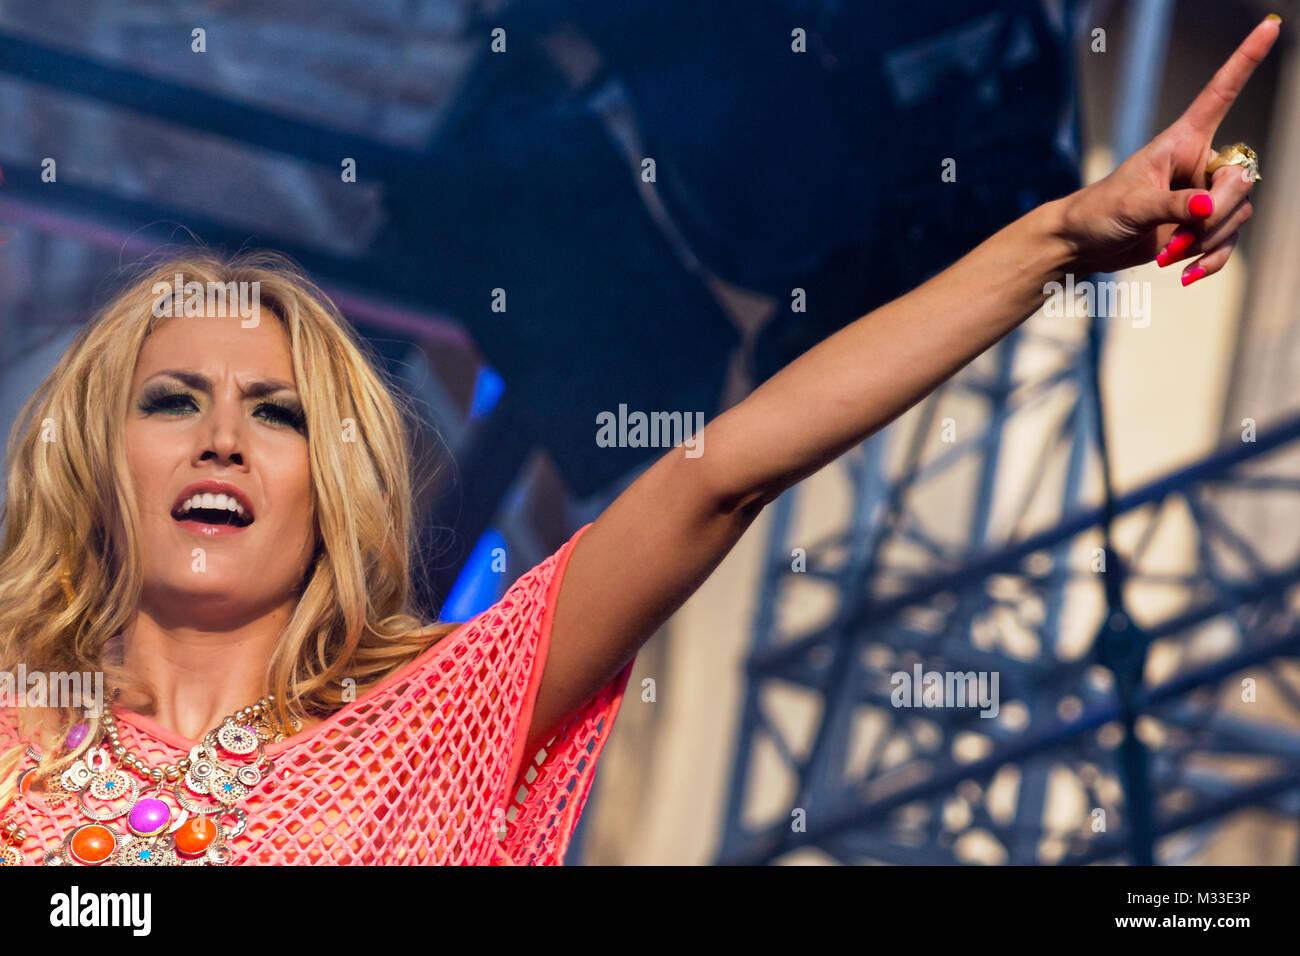 Fiona Erdmann mit ausgestreckten brazo ( Deutsches Fotomodell) auf der Bühne der Fanmeile zur Europameisterschaft 2012 Deutschland gegen Italien am Brandenburger Tor en Berlín. Foto de stock